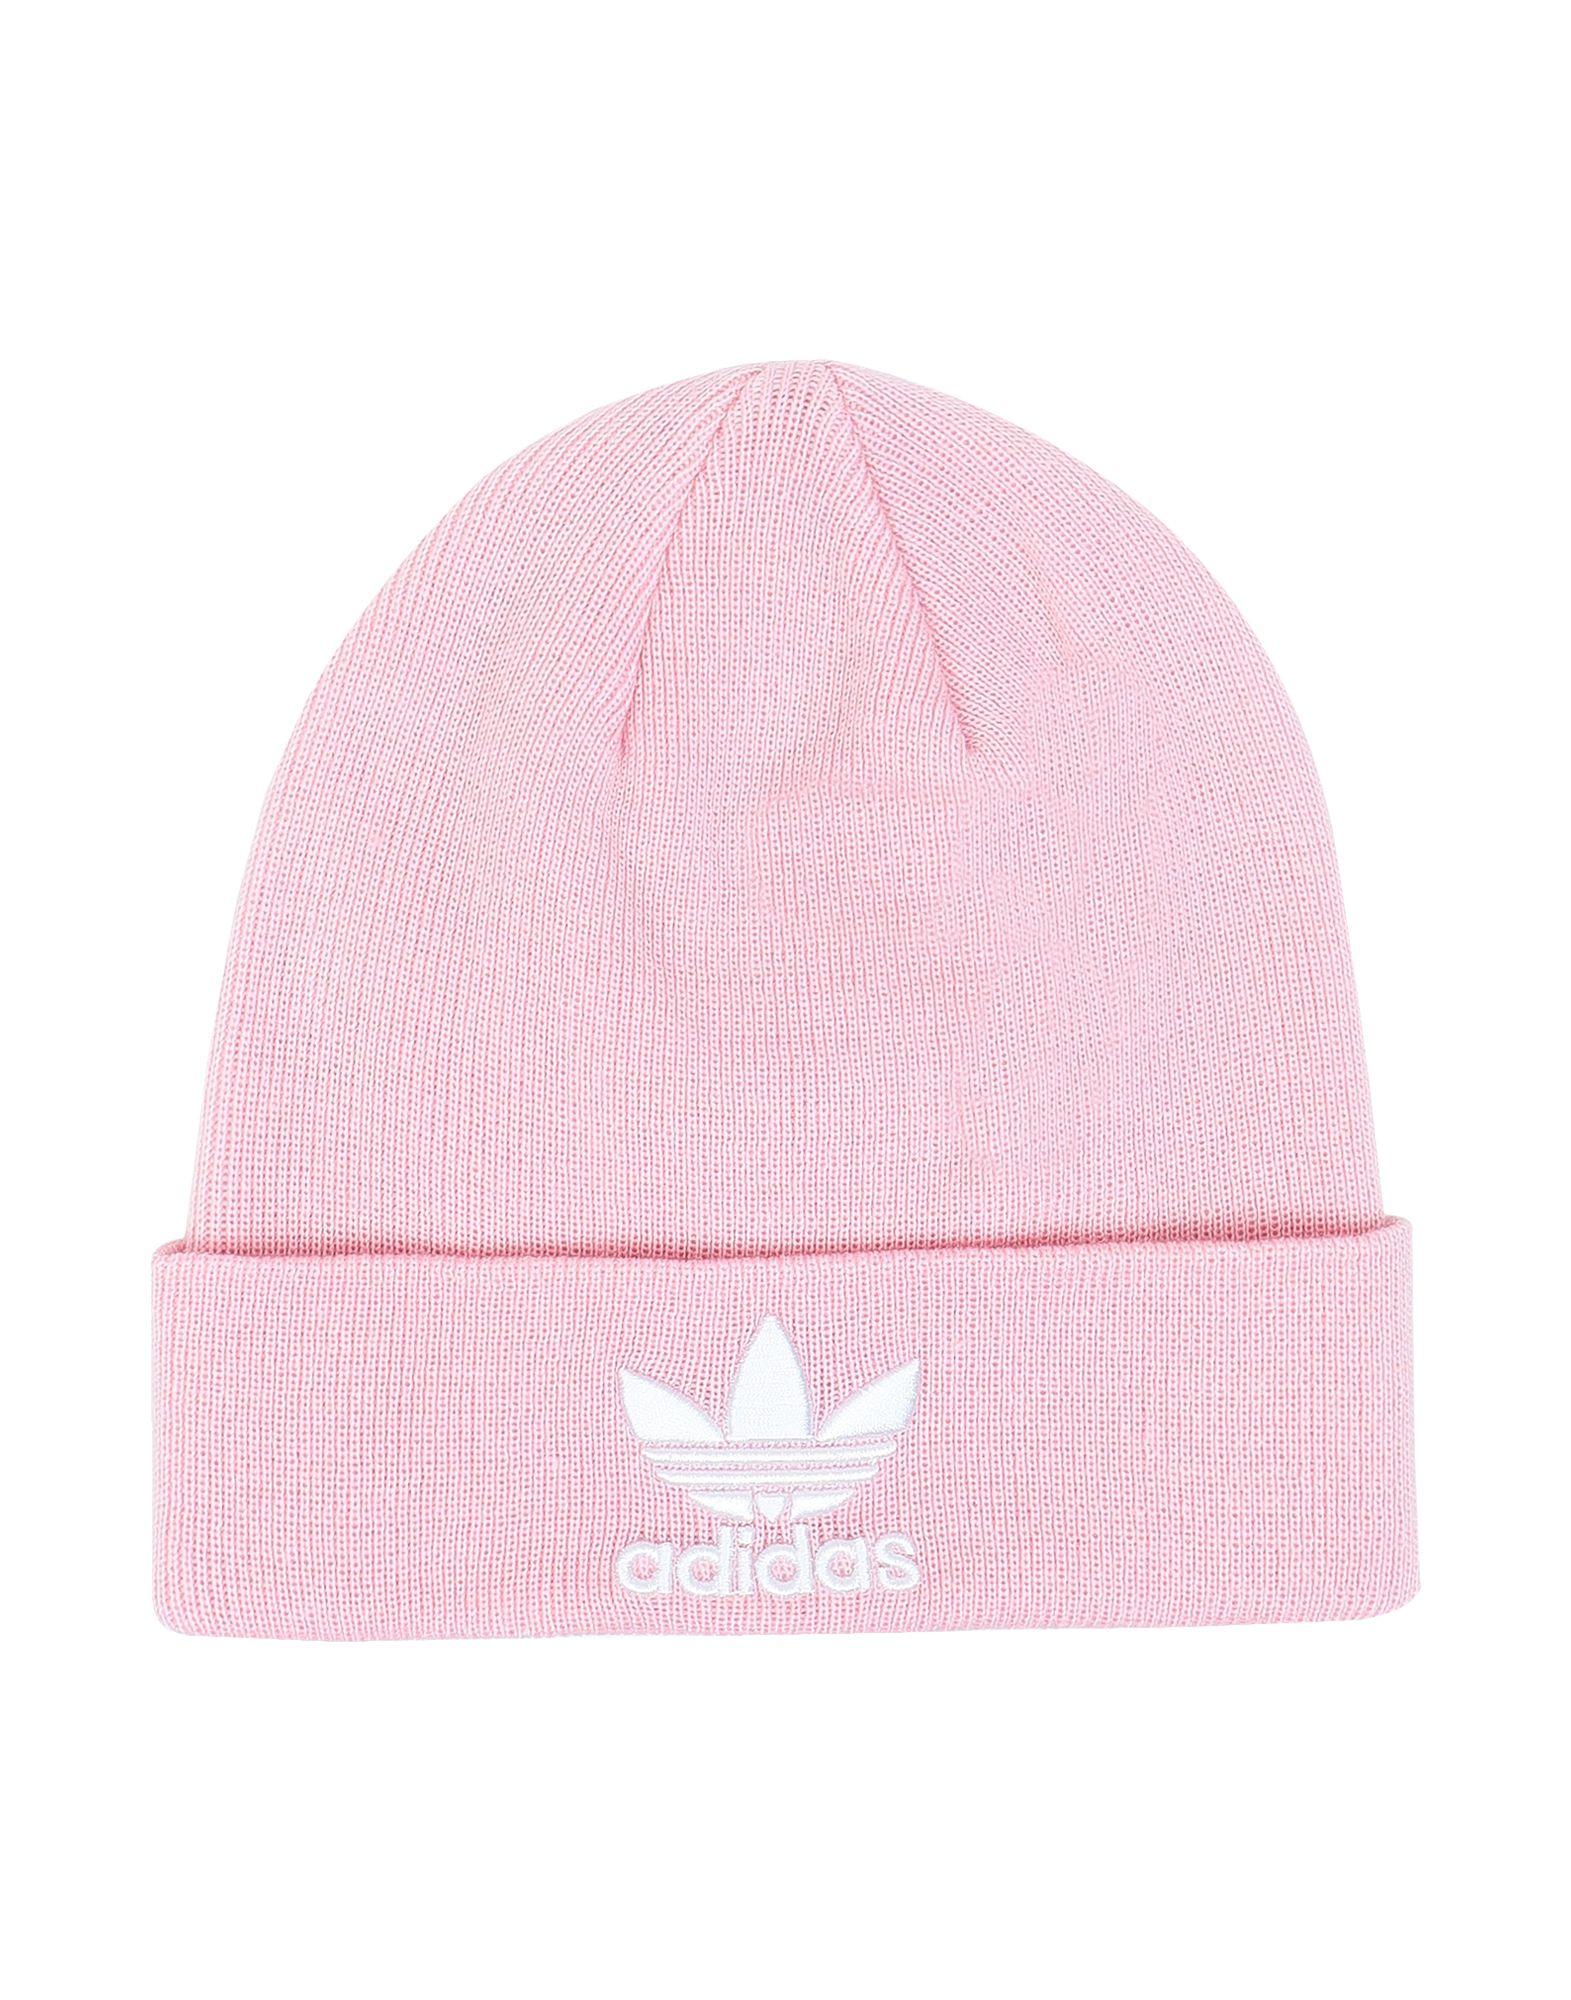 《送料無料》ADIDAS ORIGINALS Unisex 帽子 ピンク one size アクリル 100% TREFOIL BEANIE